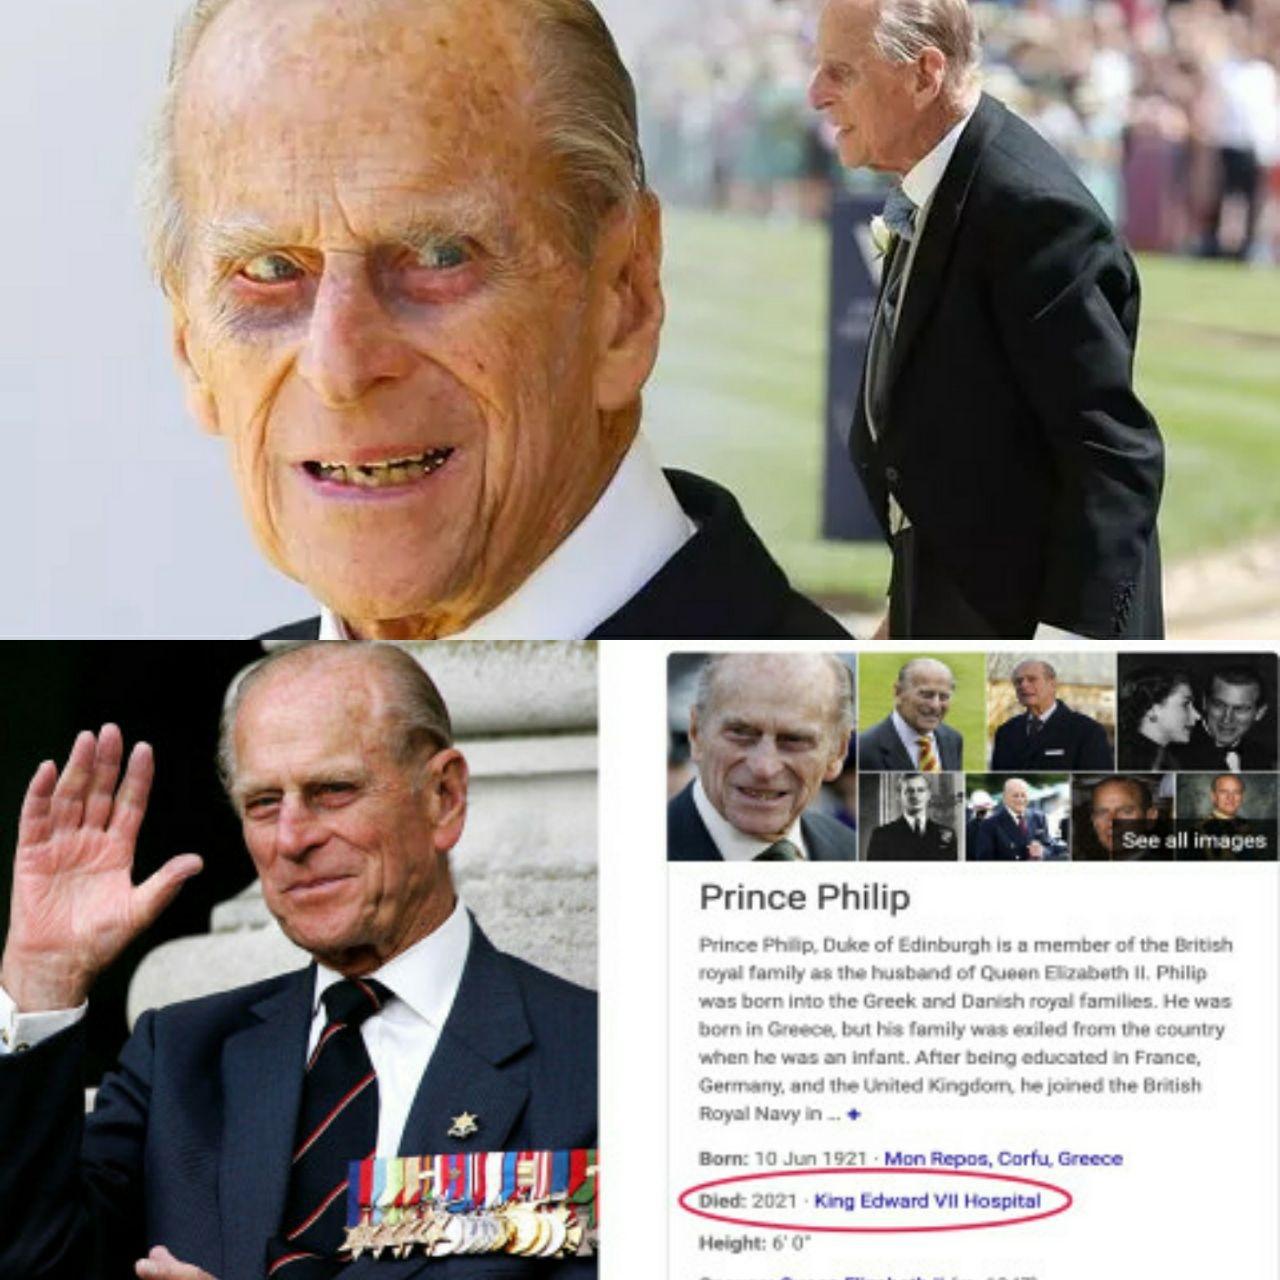 """«Герцог Эдинбургский» или «принц Филипп». Очередное загадочное """"воскрешение""""! Jpd0KGIR0ew"""